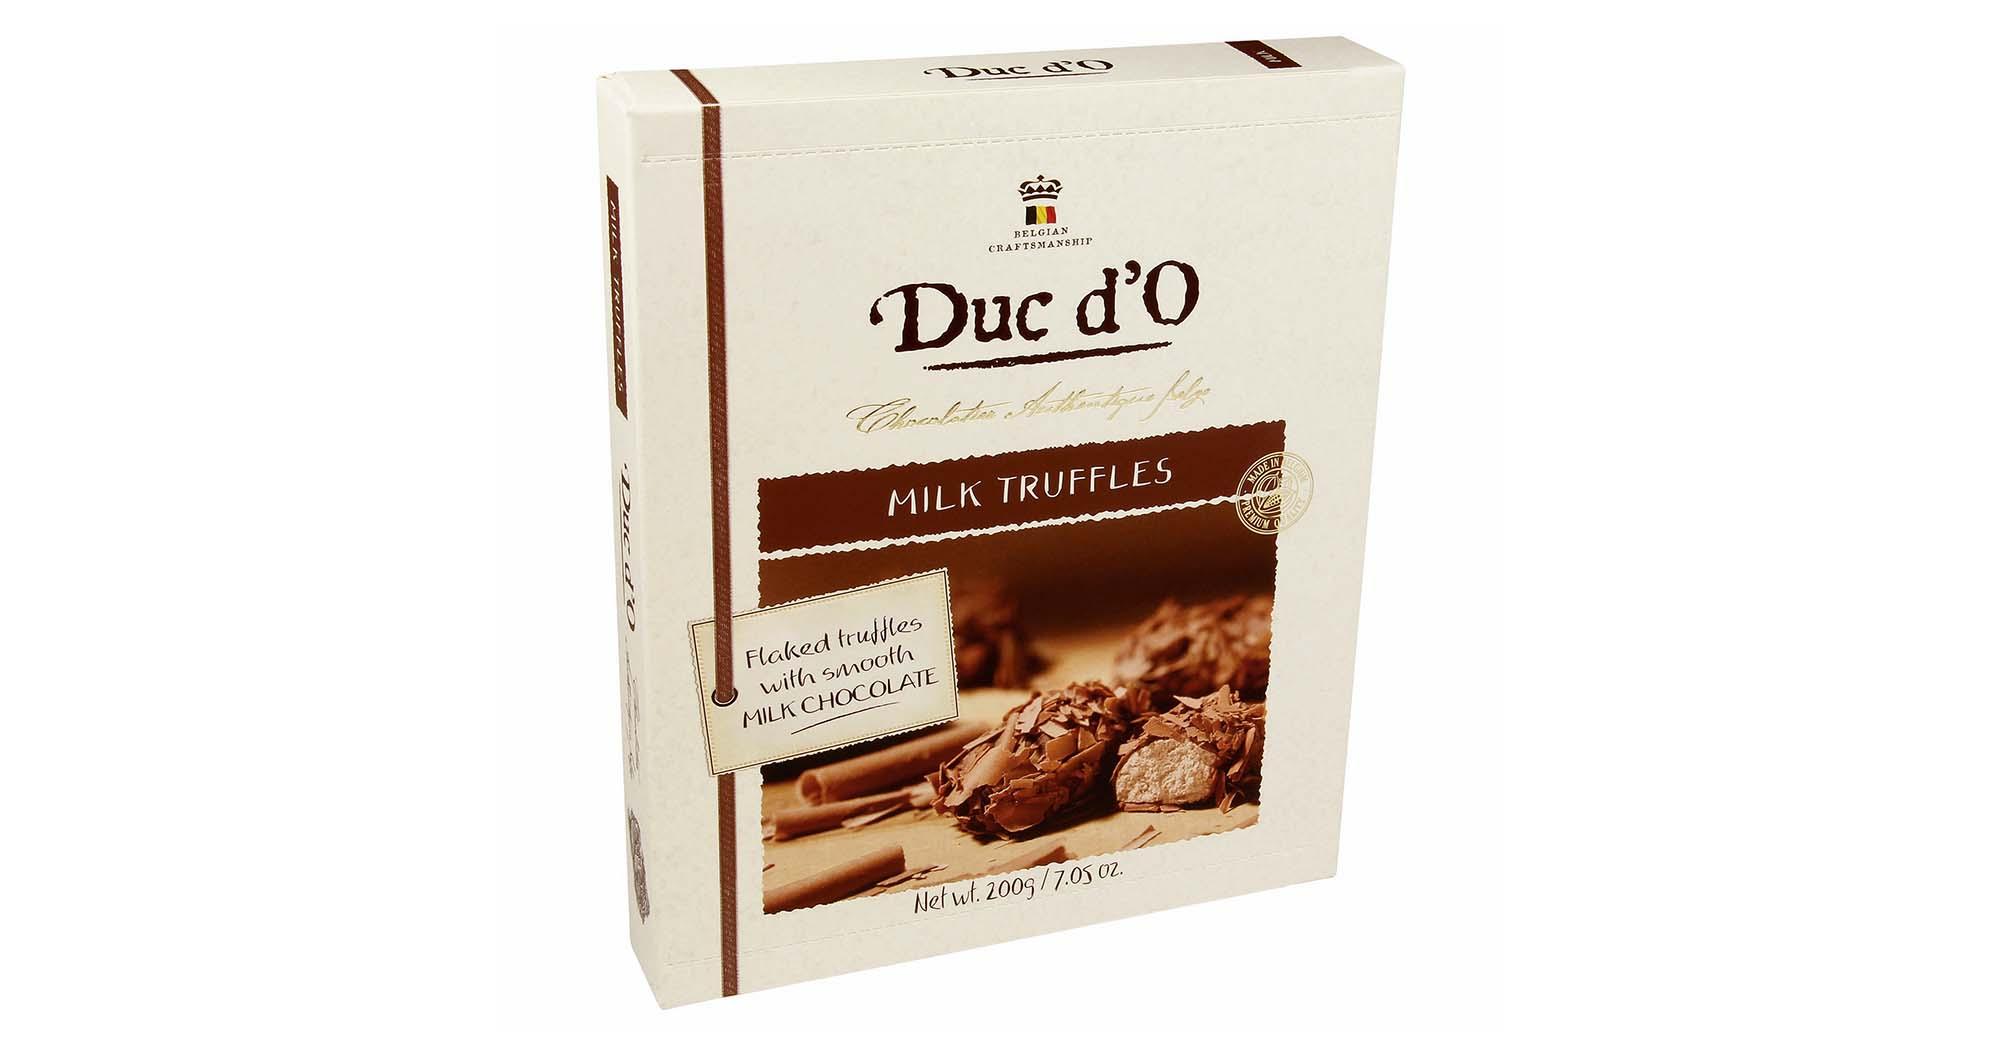 103-30012-999 Truffels milk 200g (103-30012-999)